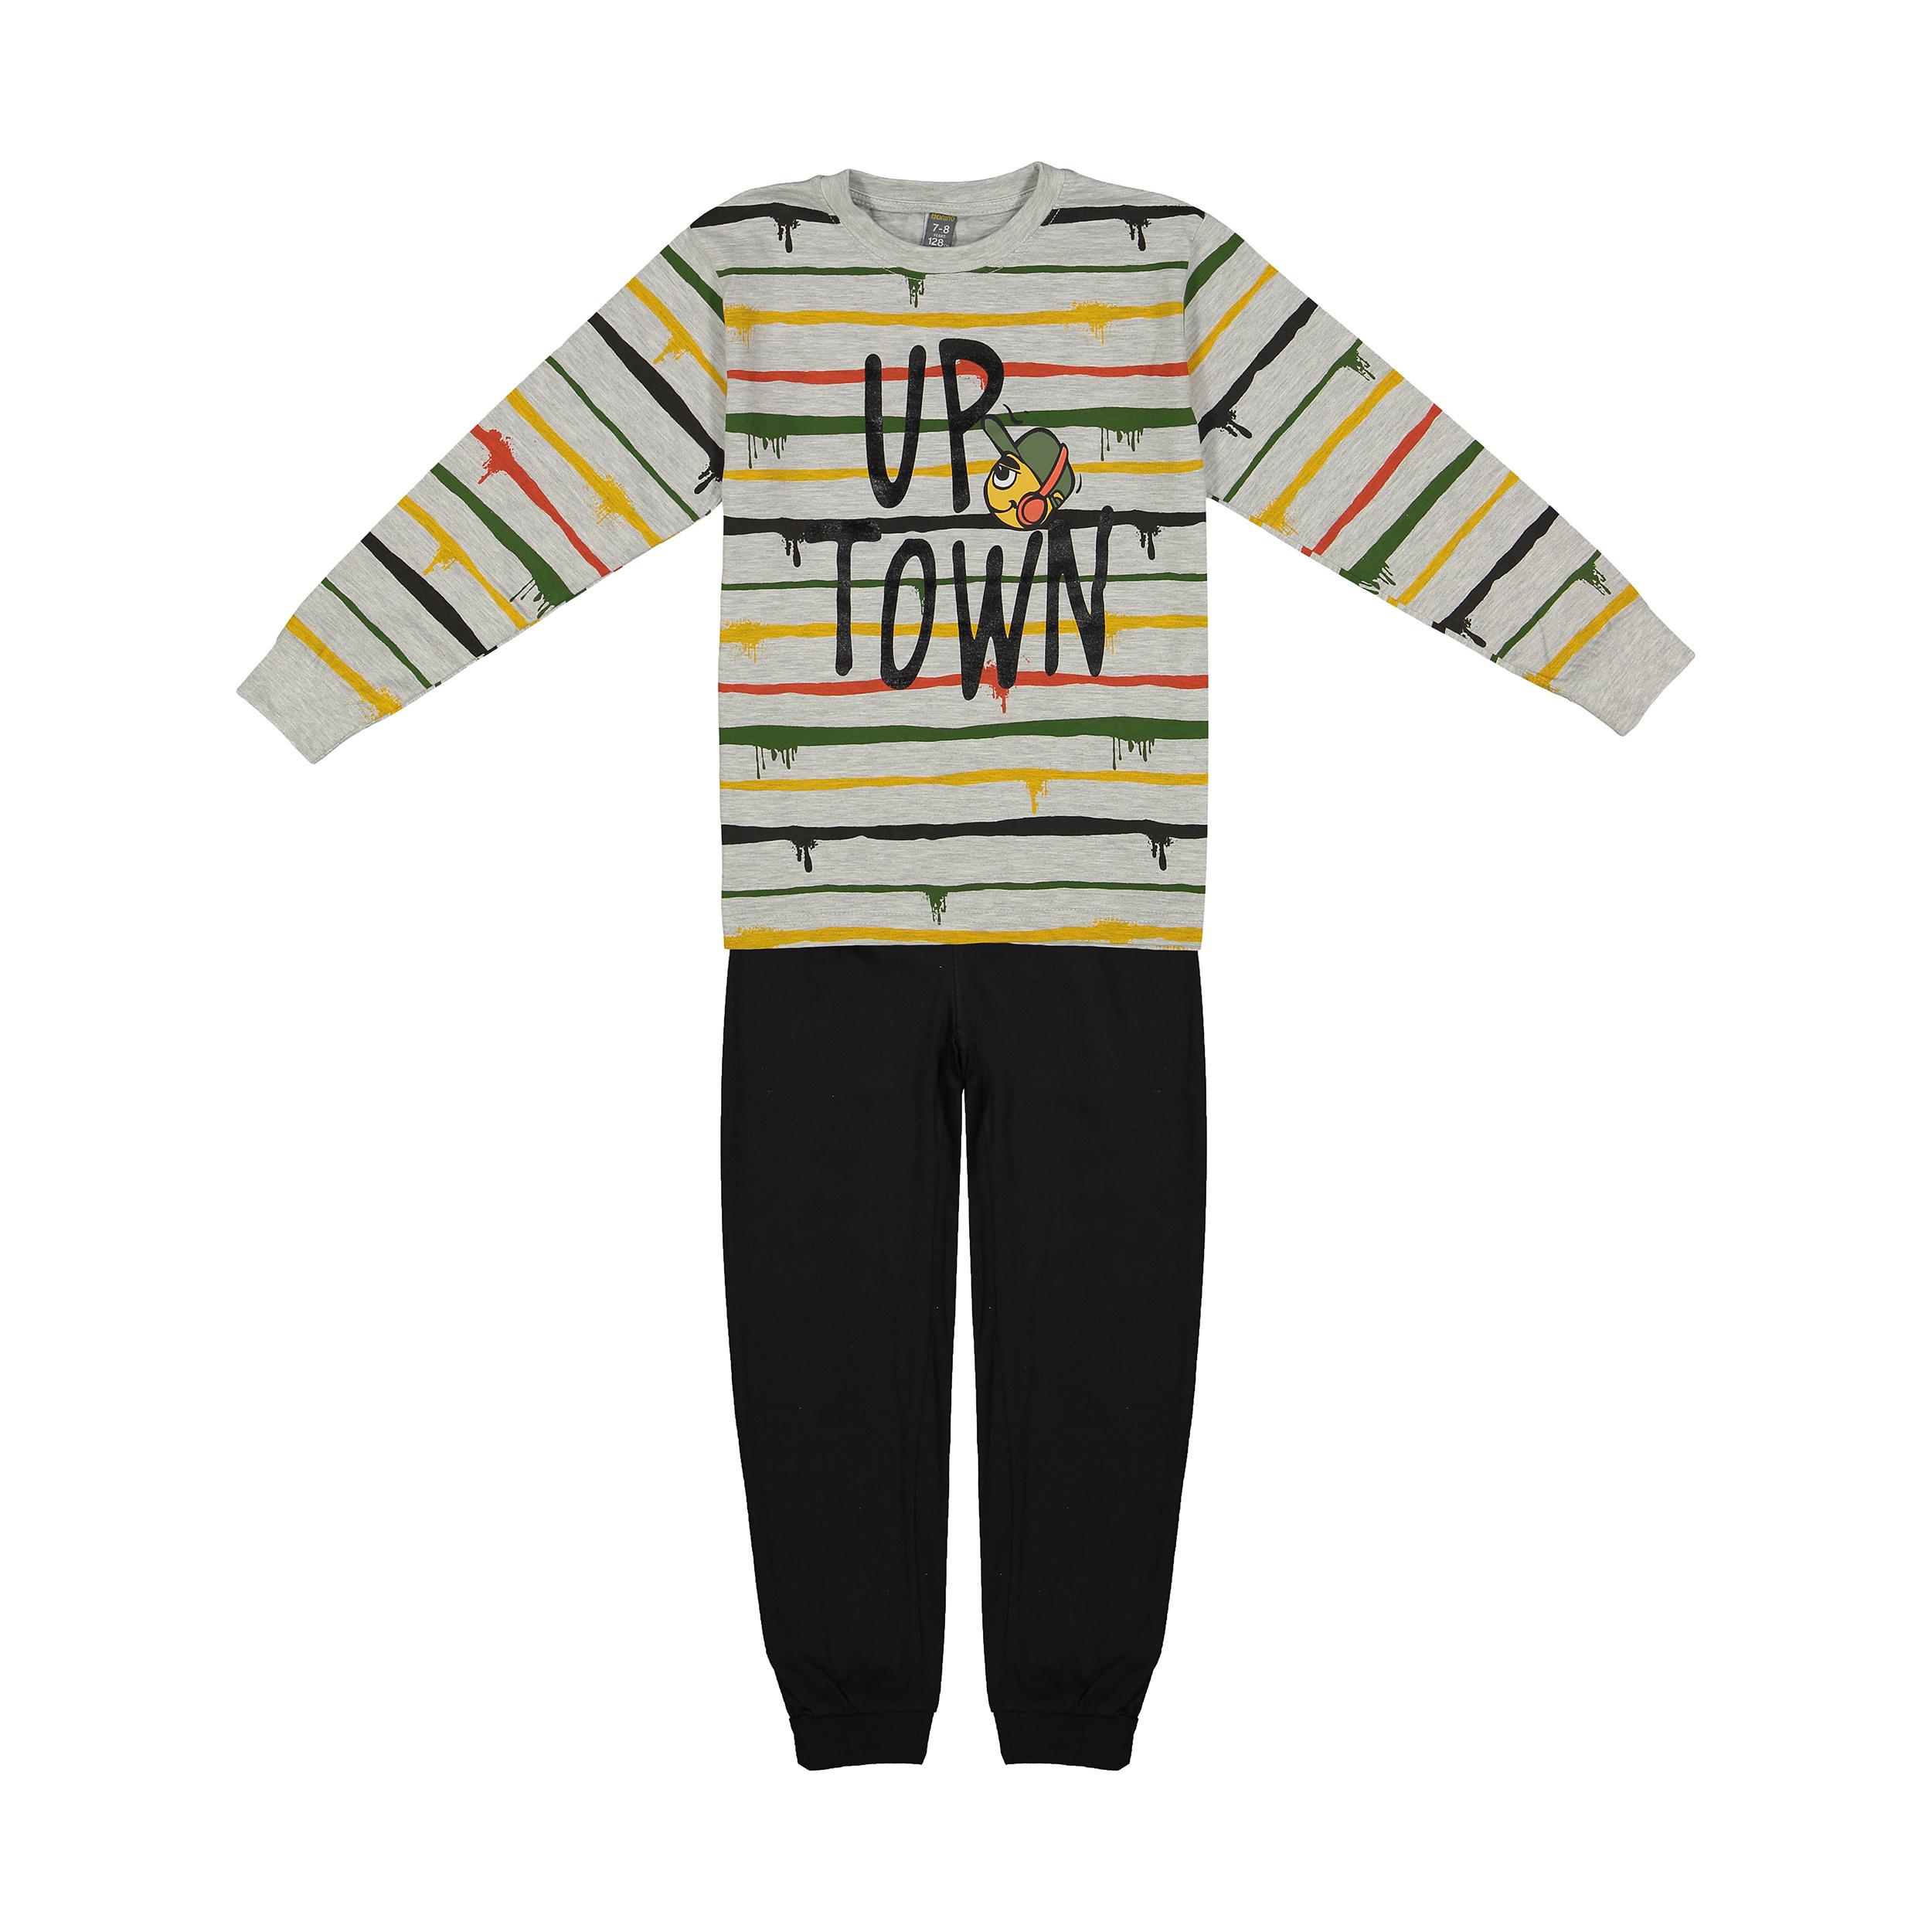 ست تی شرت و شلوار پسرانه بانی نو مدل 2191130-90